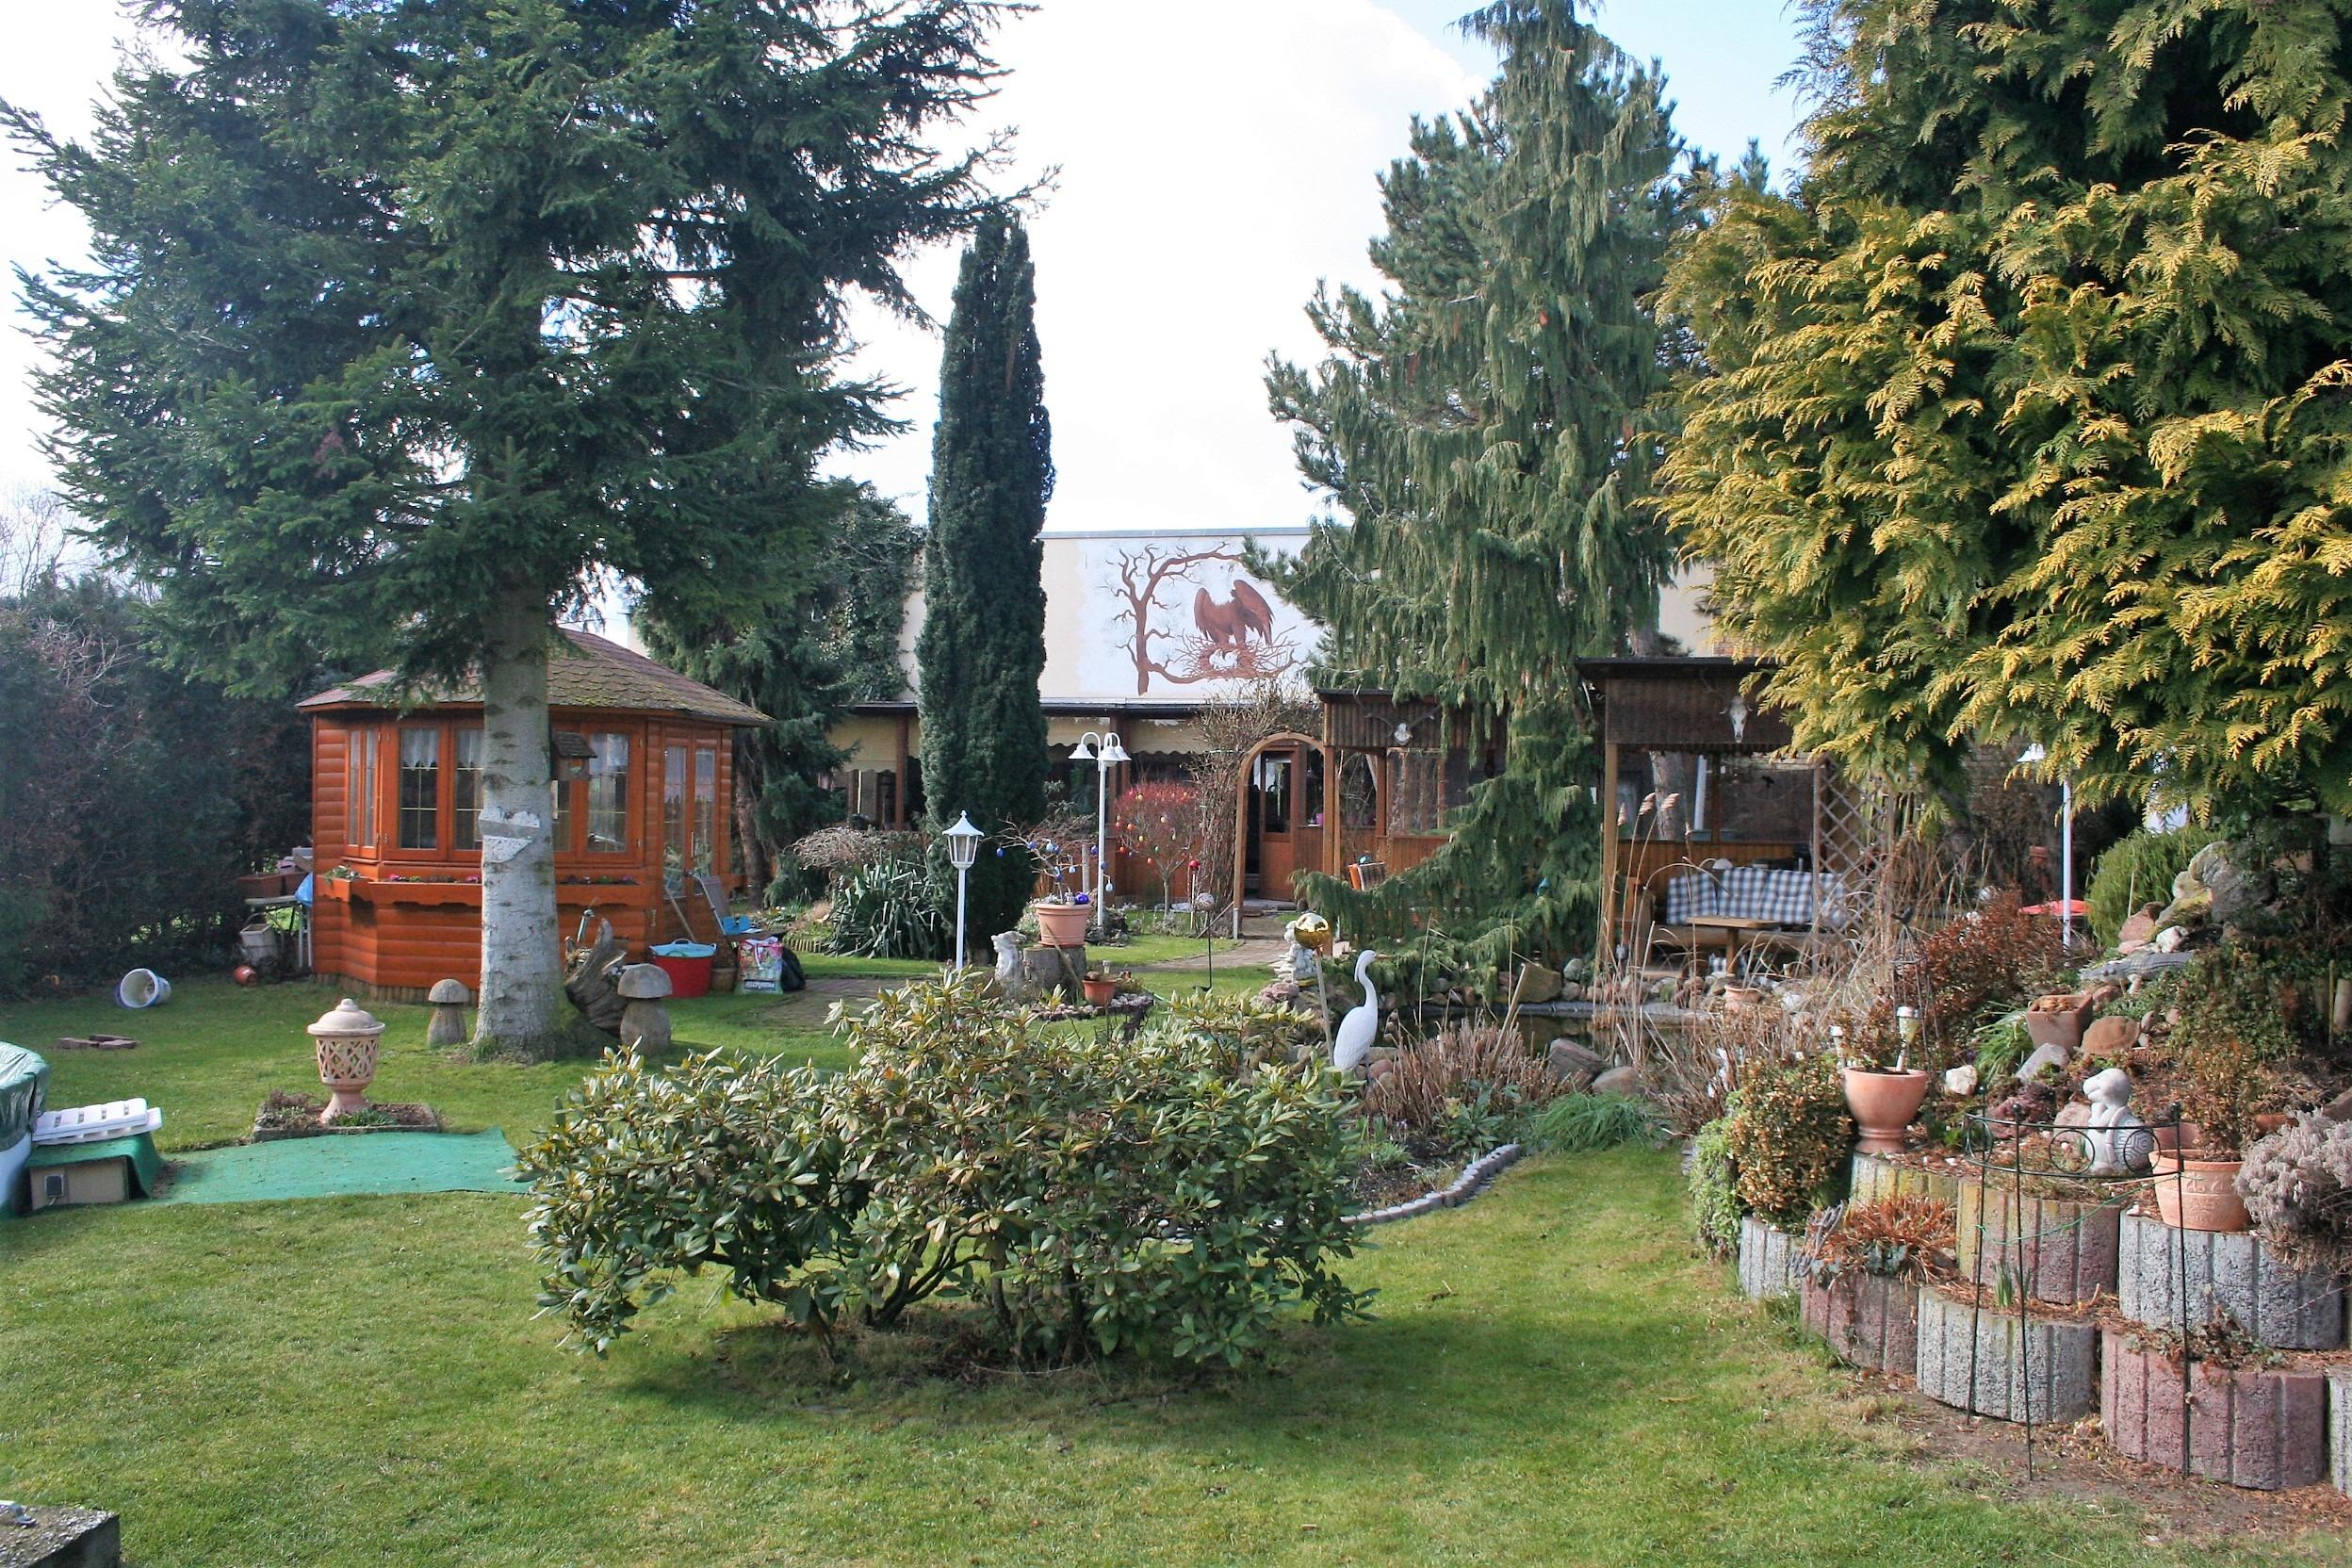 Mehrfamilienhaus/Pension in Peißen - Gartenblick zum Haus